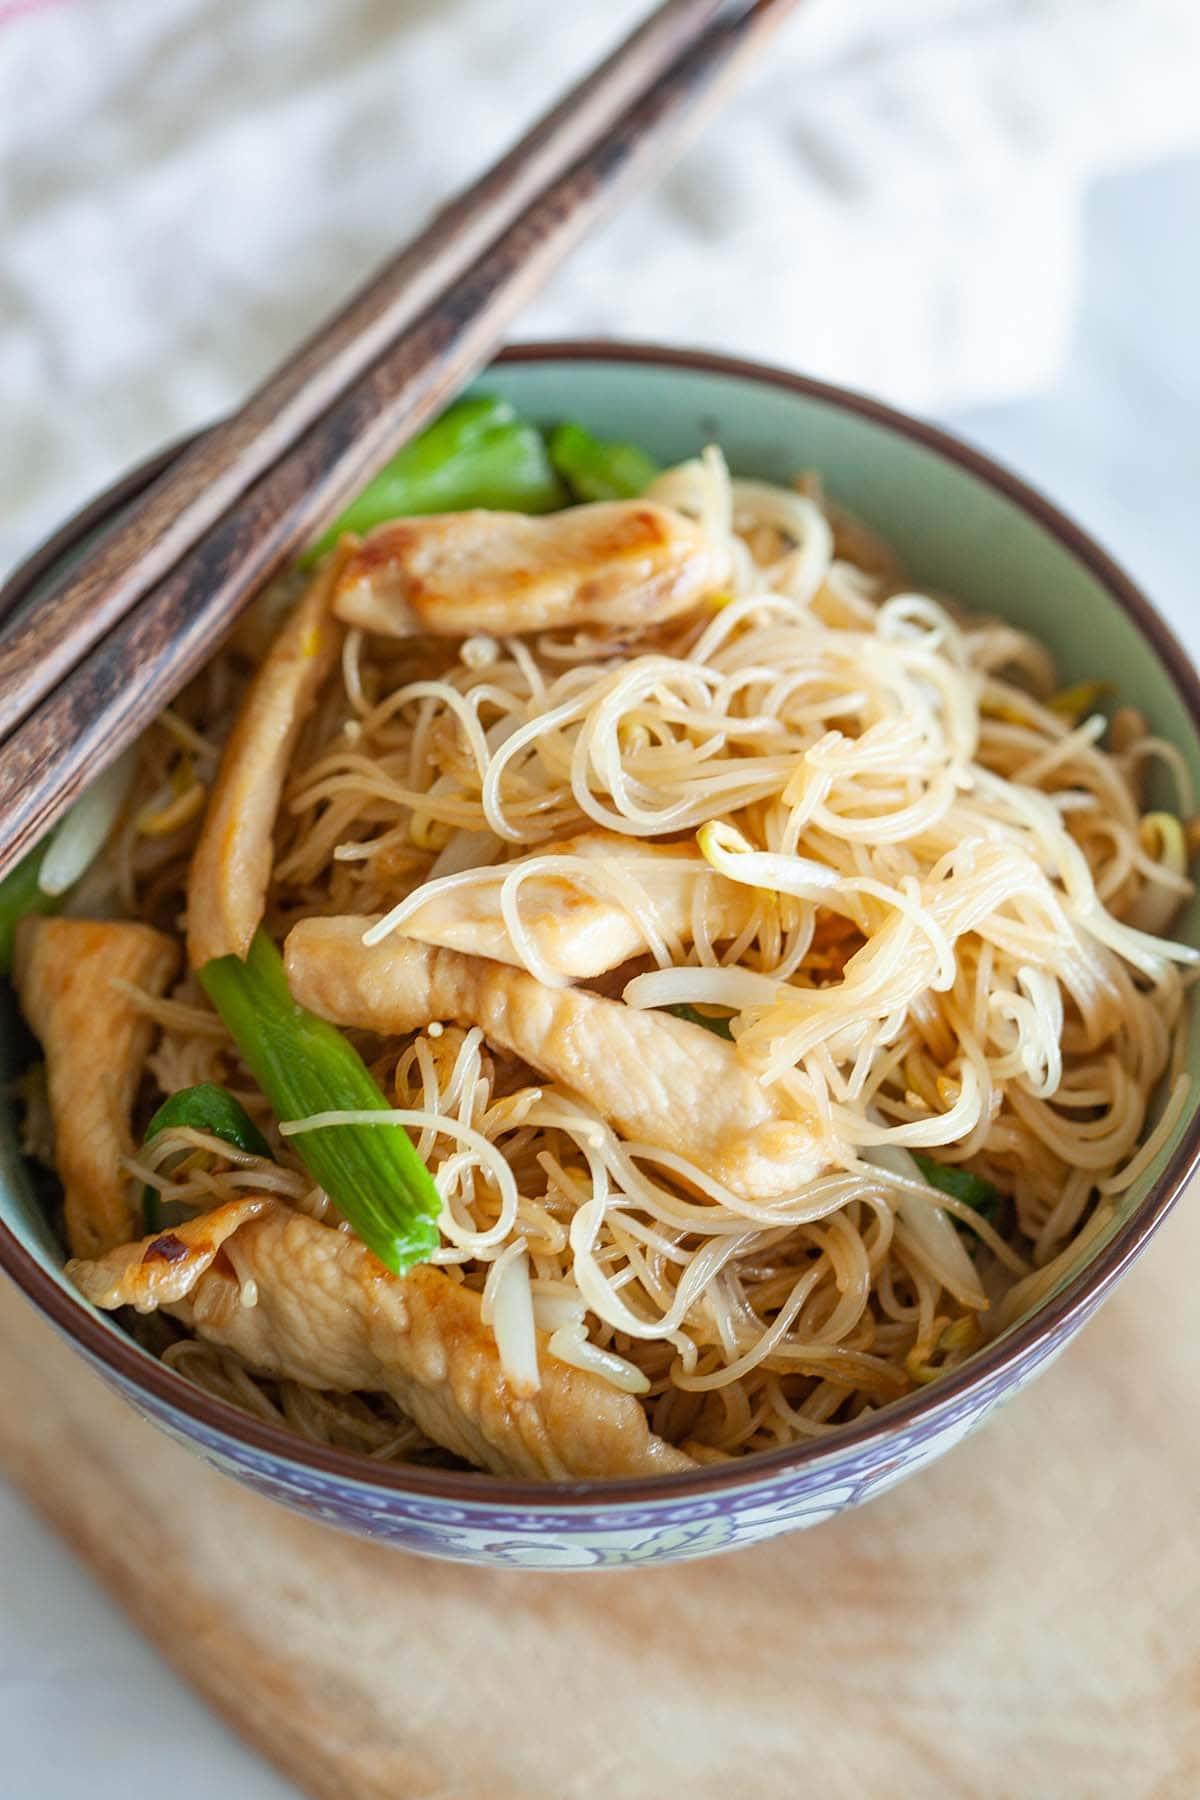 Nouilles de riz aux vermicelles servies dans un bol.